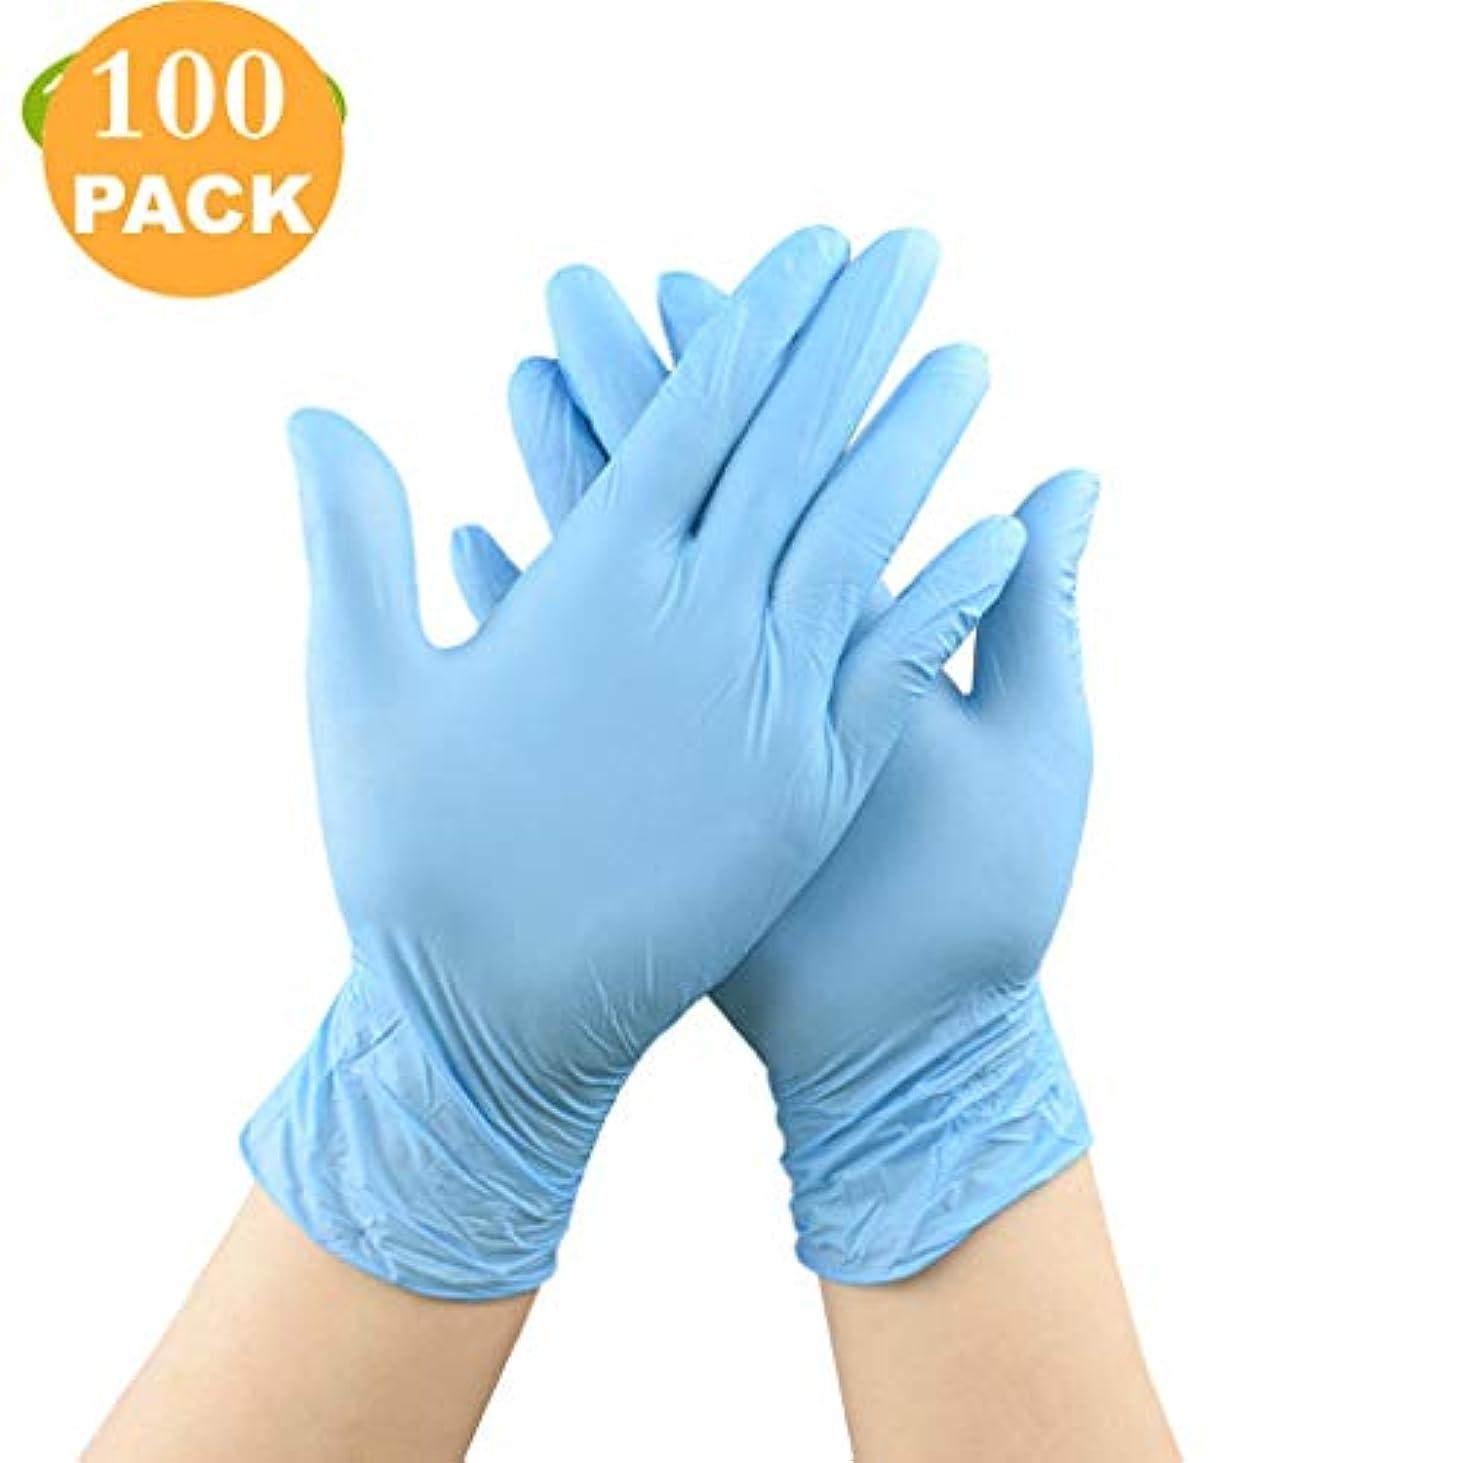 扱いやすいミット極小ニトリル使い捨てケータリングケータリング家事保護の食品用ゴム手袋ゴム手袋耐性-100パーボックス (Color : Blue, Size : L)